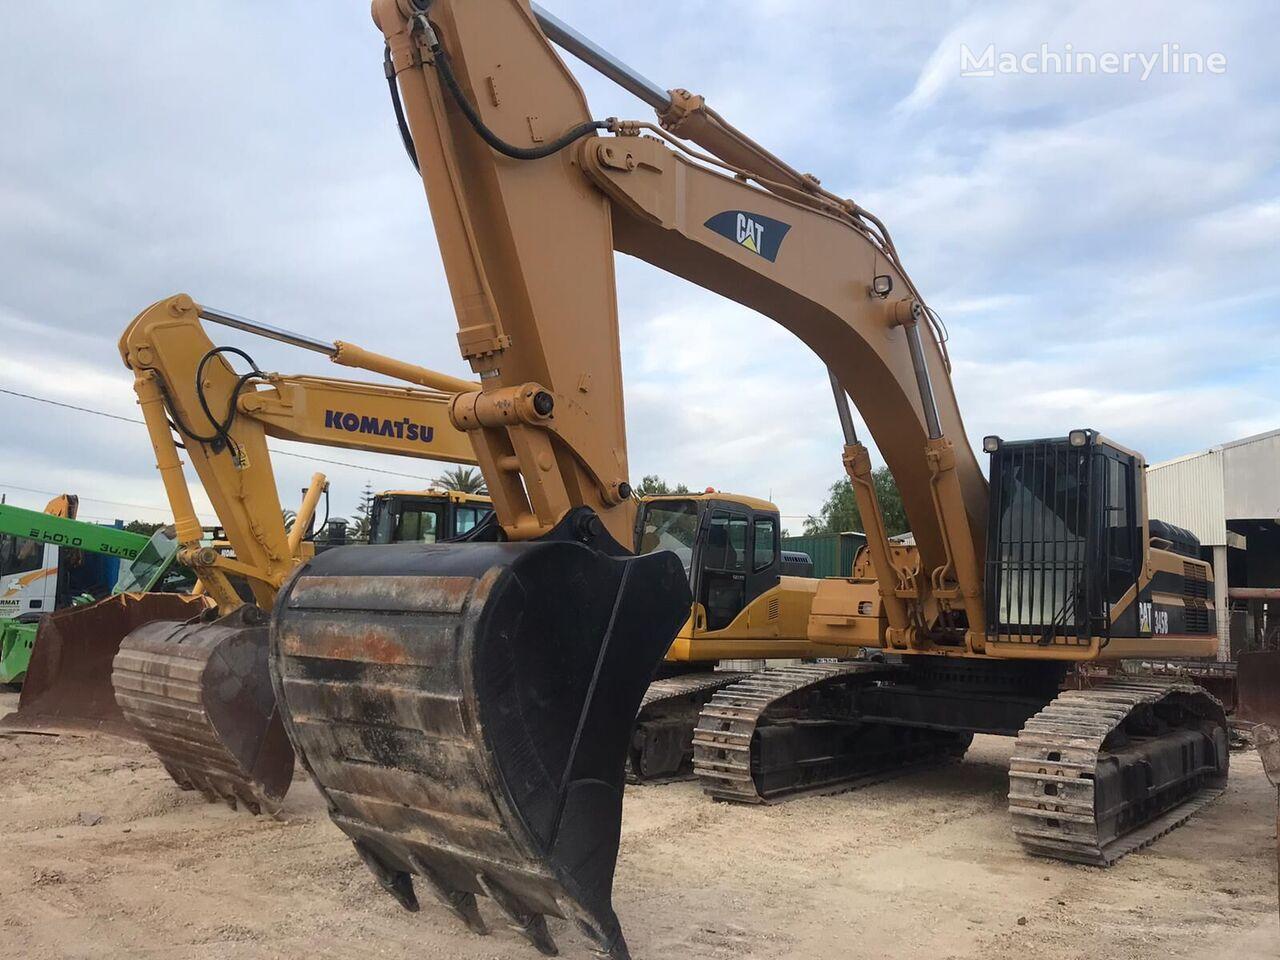 CATERPILLAR 345 B excavadora de cadenas